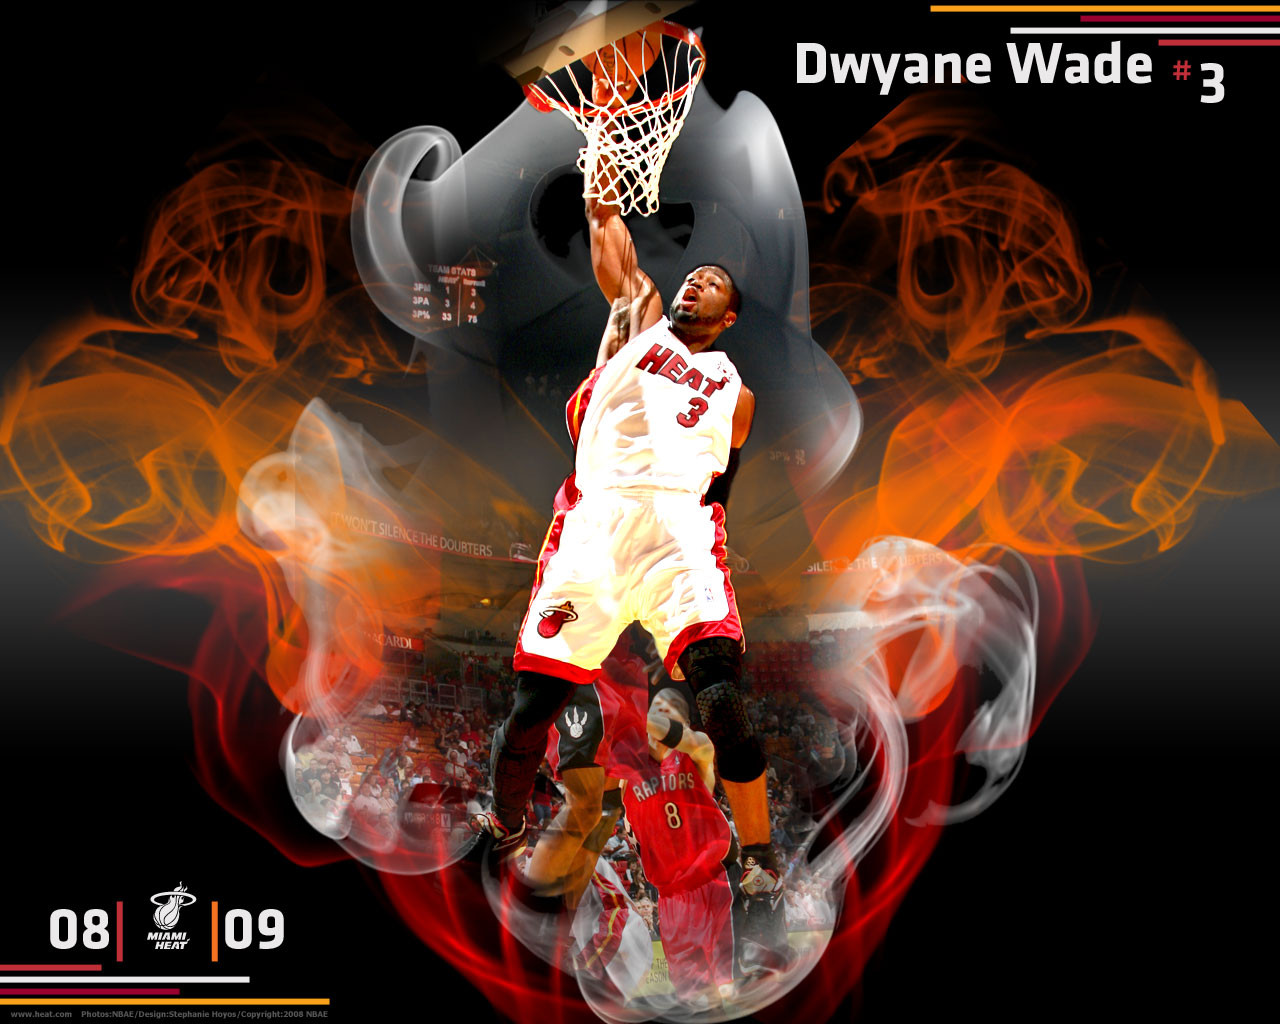 http://3.bp.blogspot.com/-v0BMgJ5N3Gs/UIqUquTR5OI/AAAAAAAAAOs/8uDhAtU3khc/s1600/basketball-wallpaper-3-749815.jpg